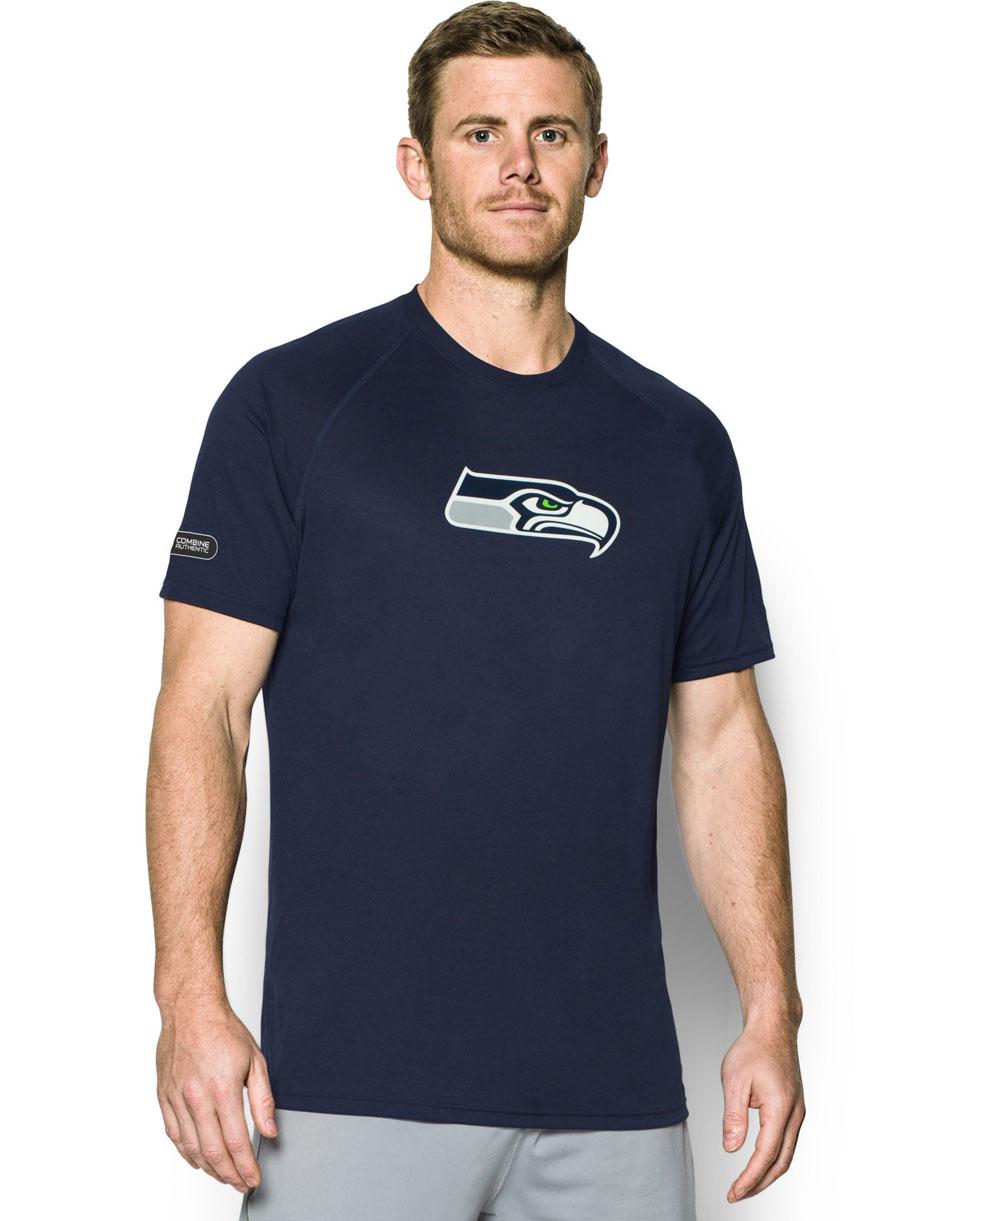 NFL Combine Authentic UA Tech T-Shirt à Manches Courtes Homme Seattle Seahawks